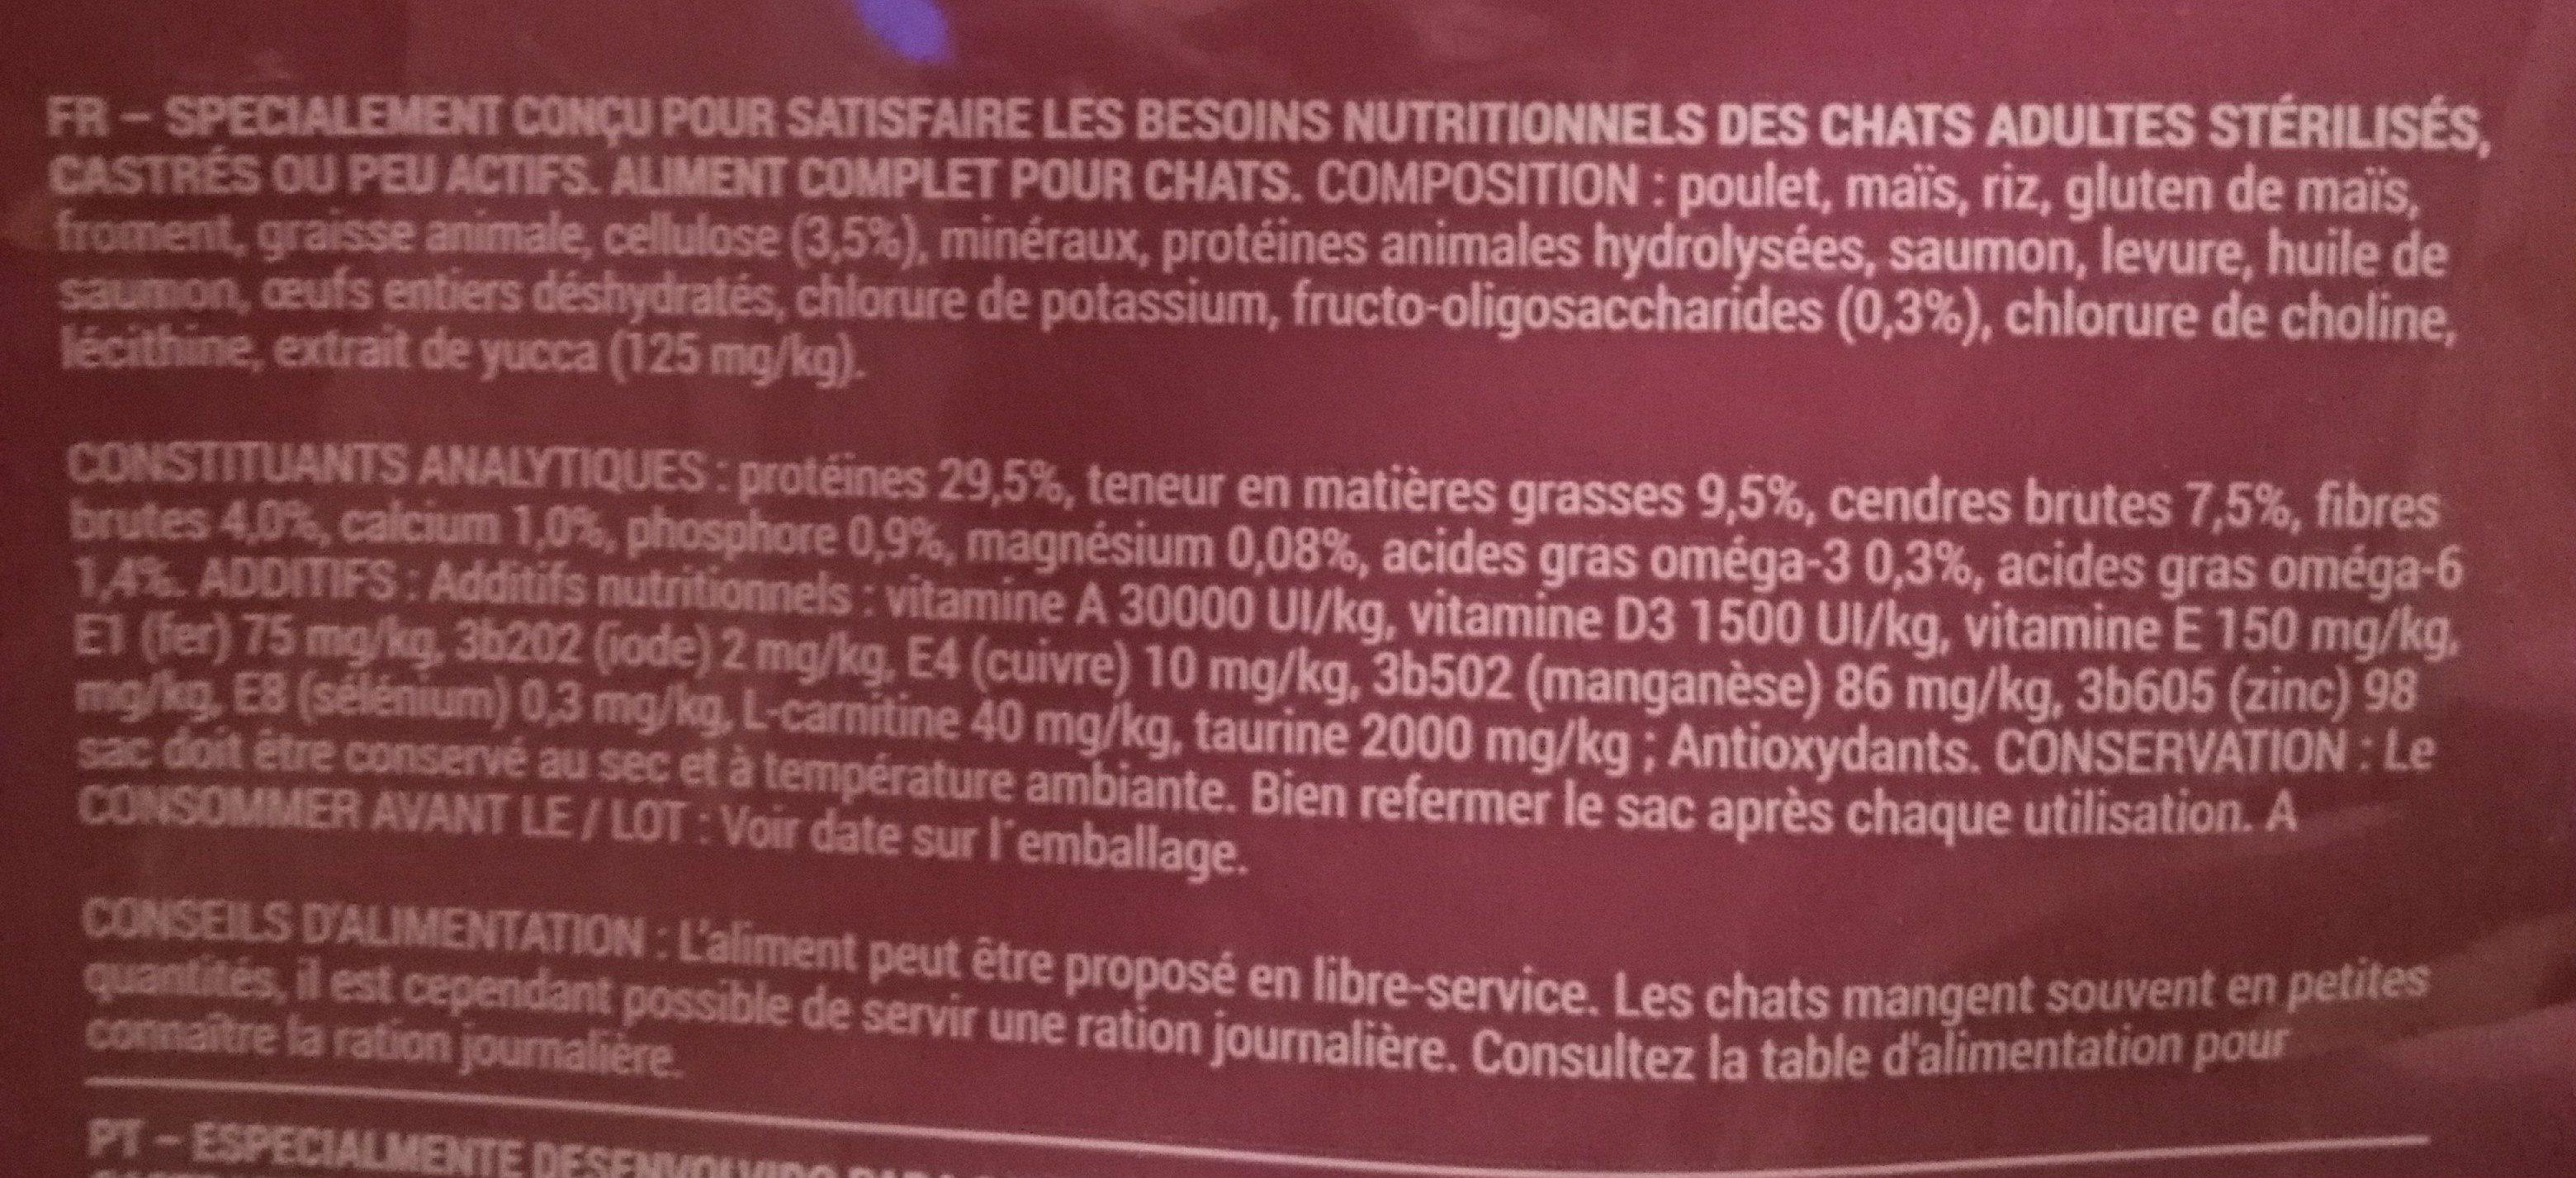 Croquettes chat stérilisé - Ingredients